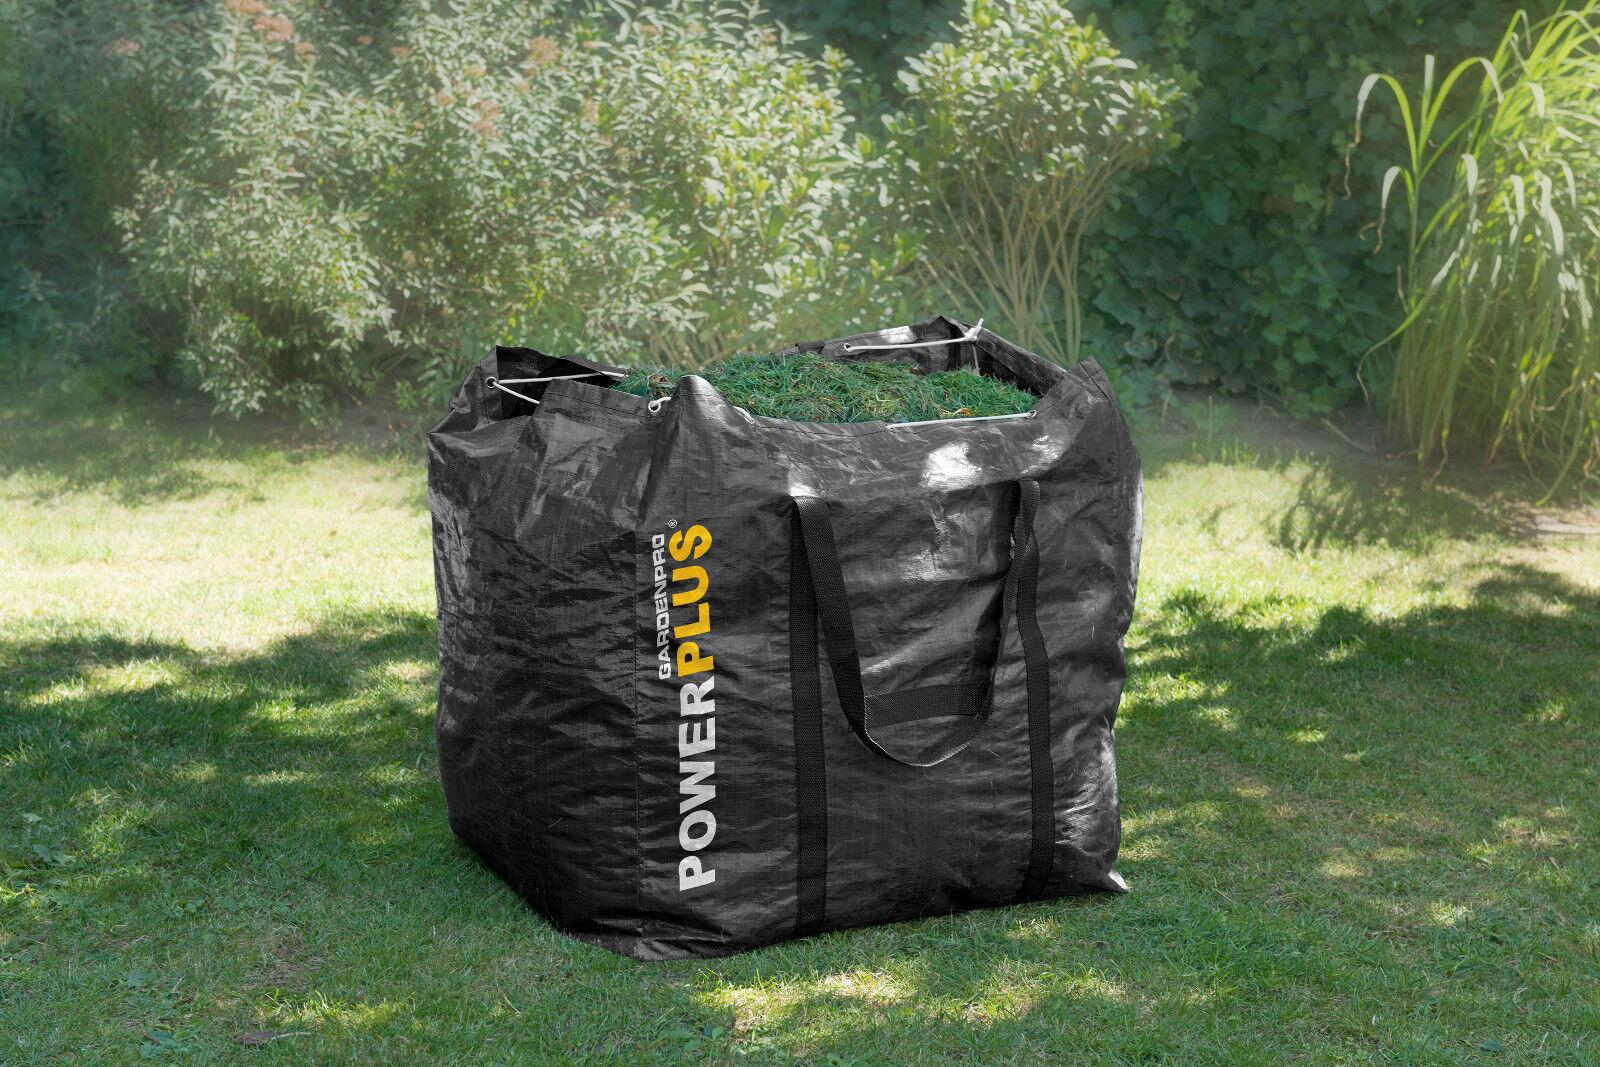 Sacco giardino 270 LT con manici cesto raccogli foglie erba contenitore rifiuti